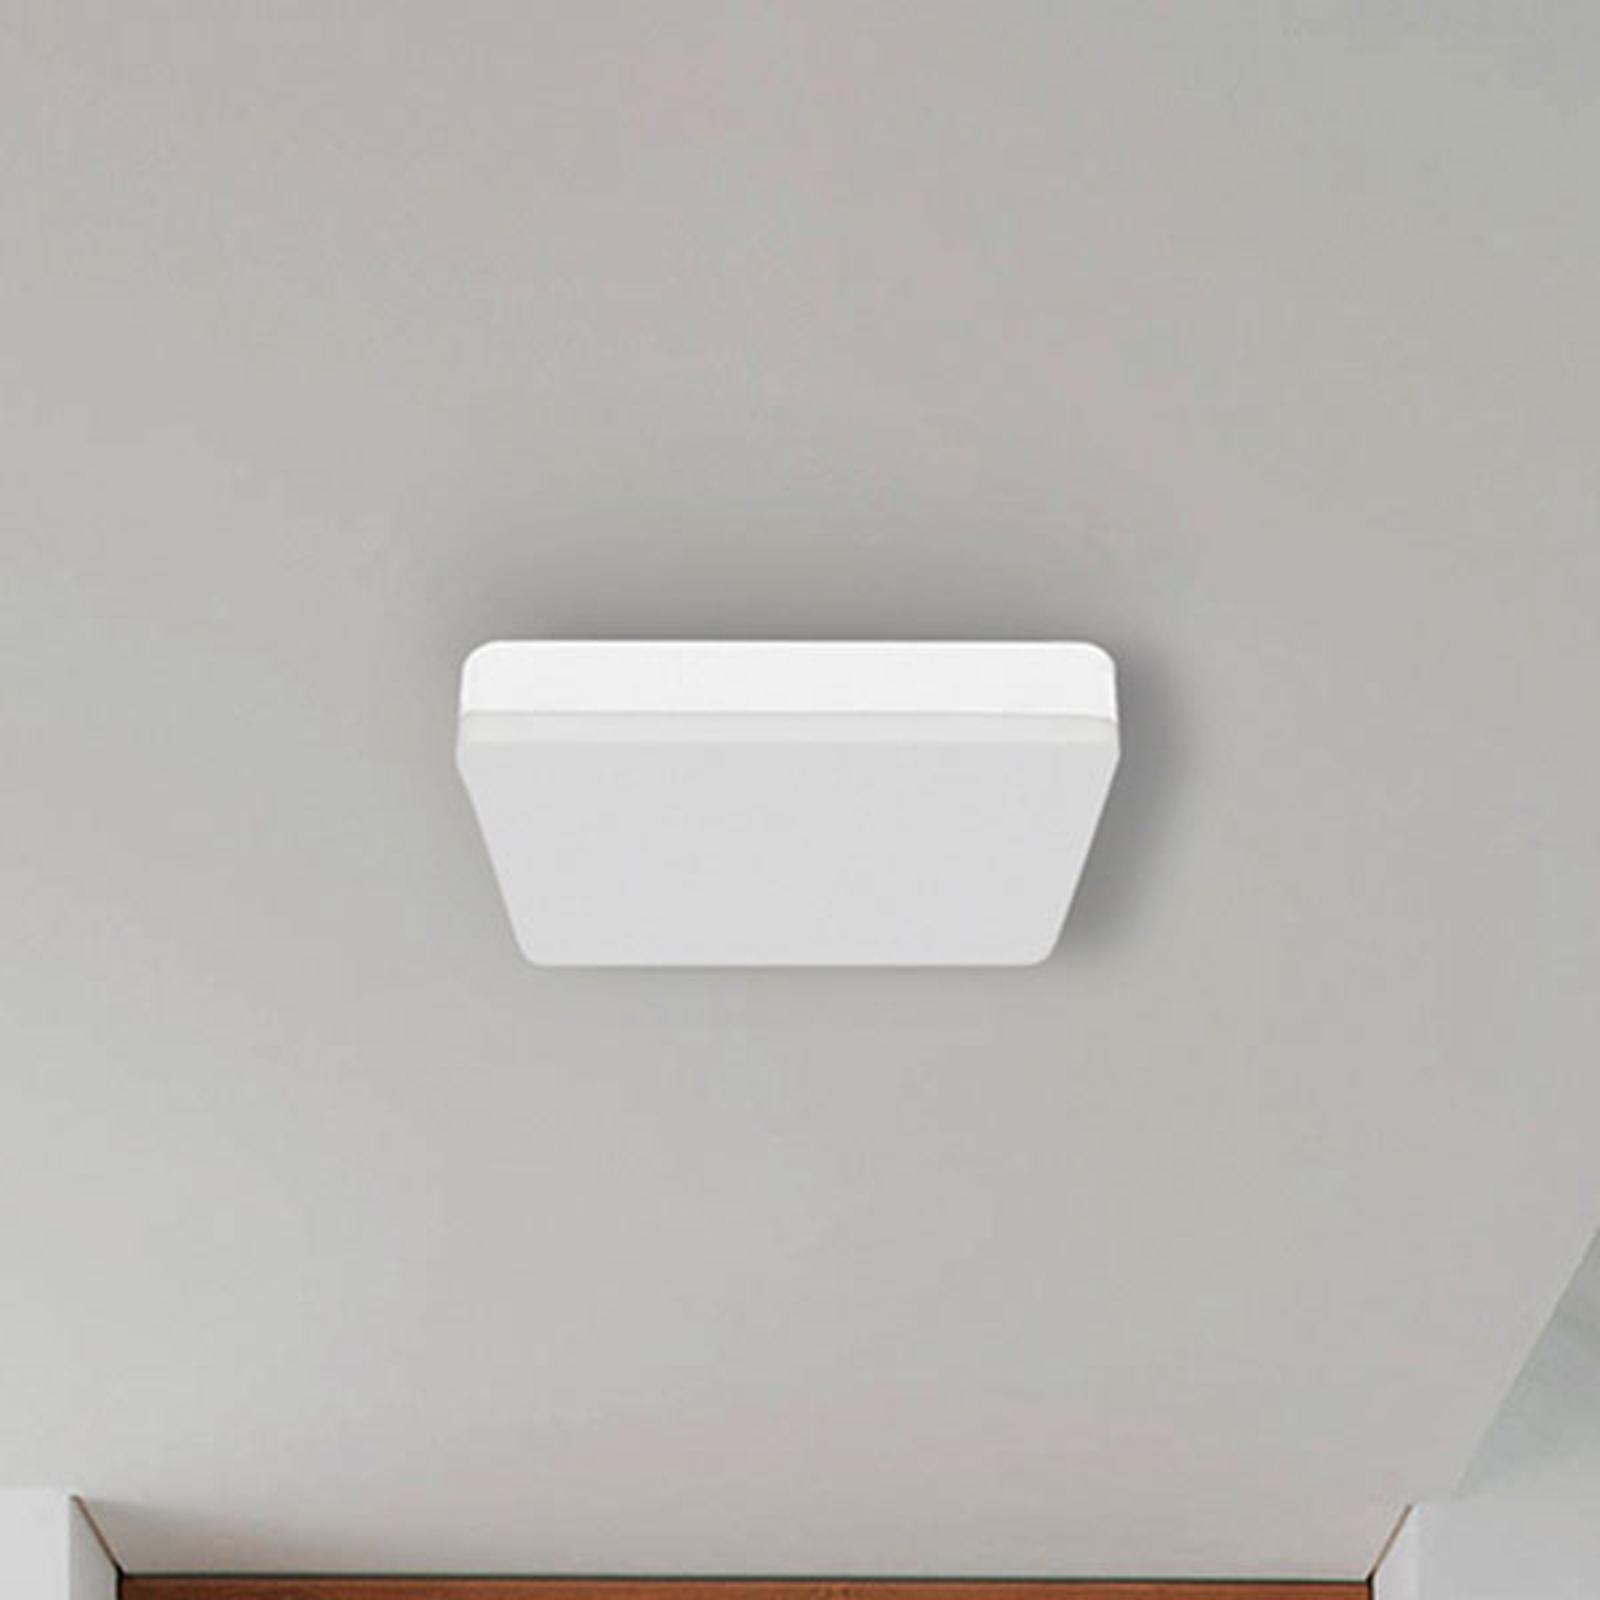 LED-Bad-Deckenleuchte Square mit Bewegungsmelder